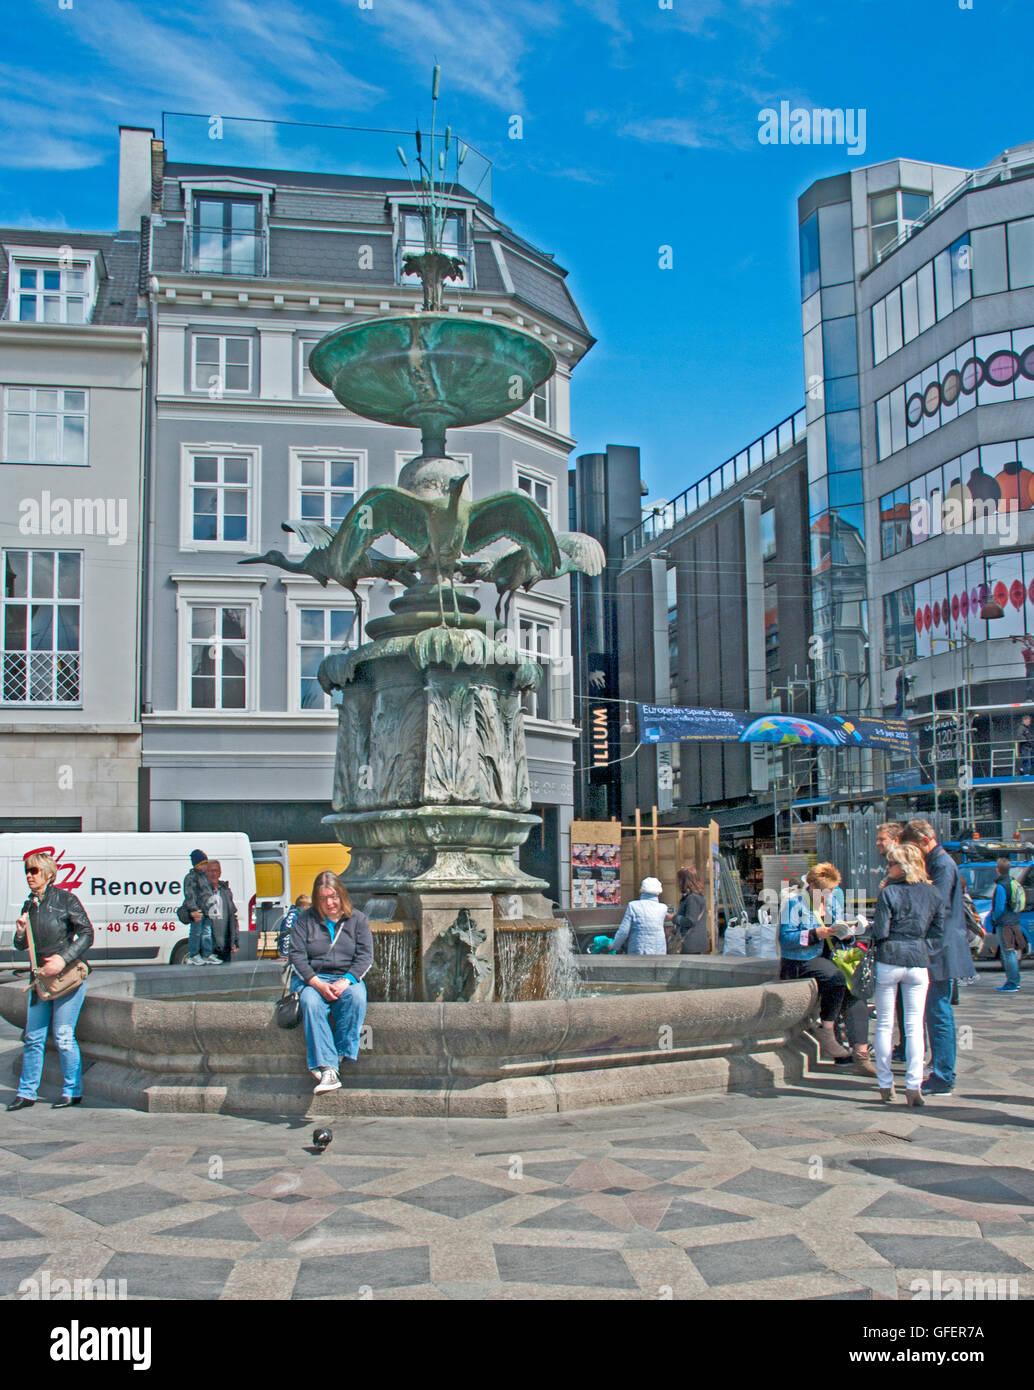 Stork Fountain, Amagertory Square, Copenhagen, Denmark, - Stock Image